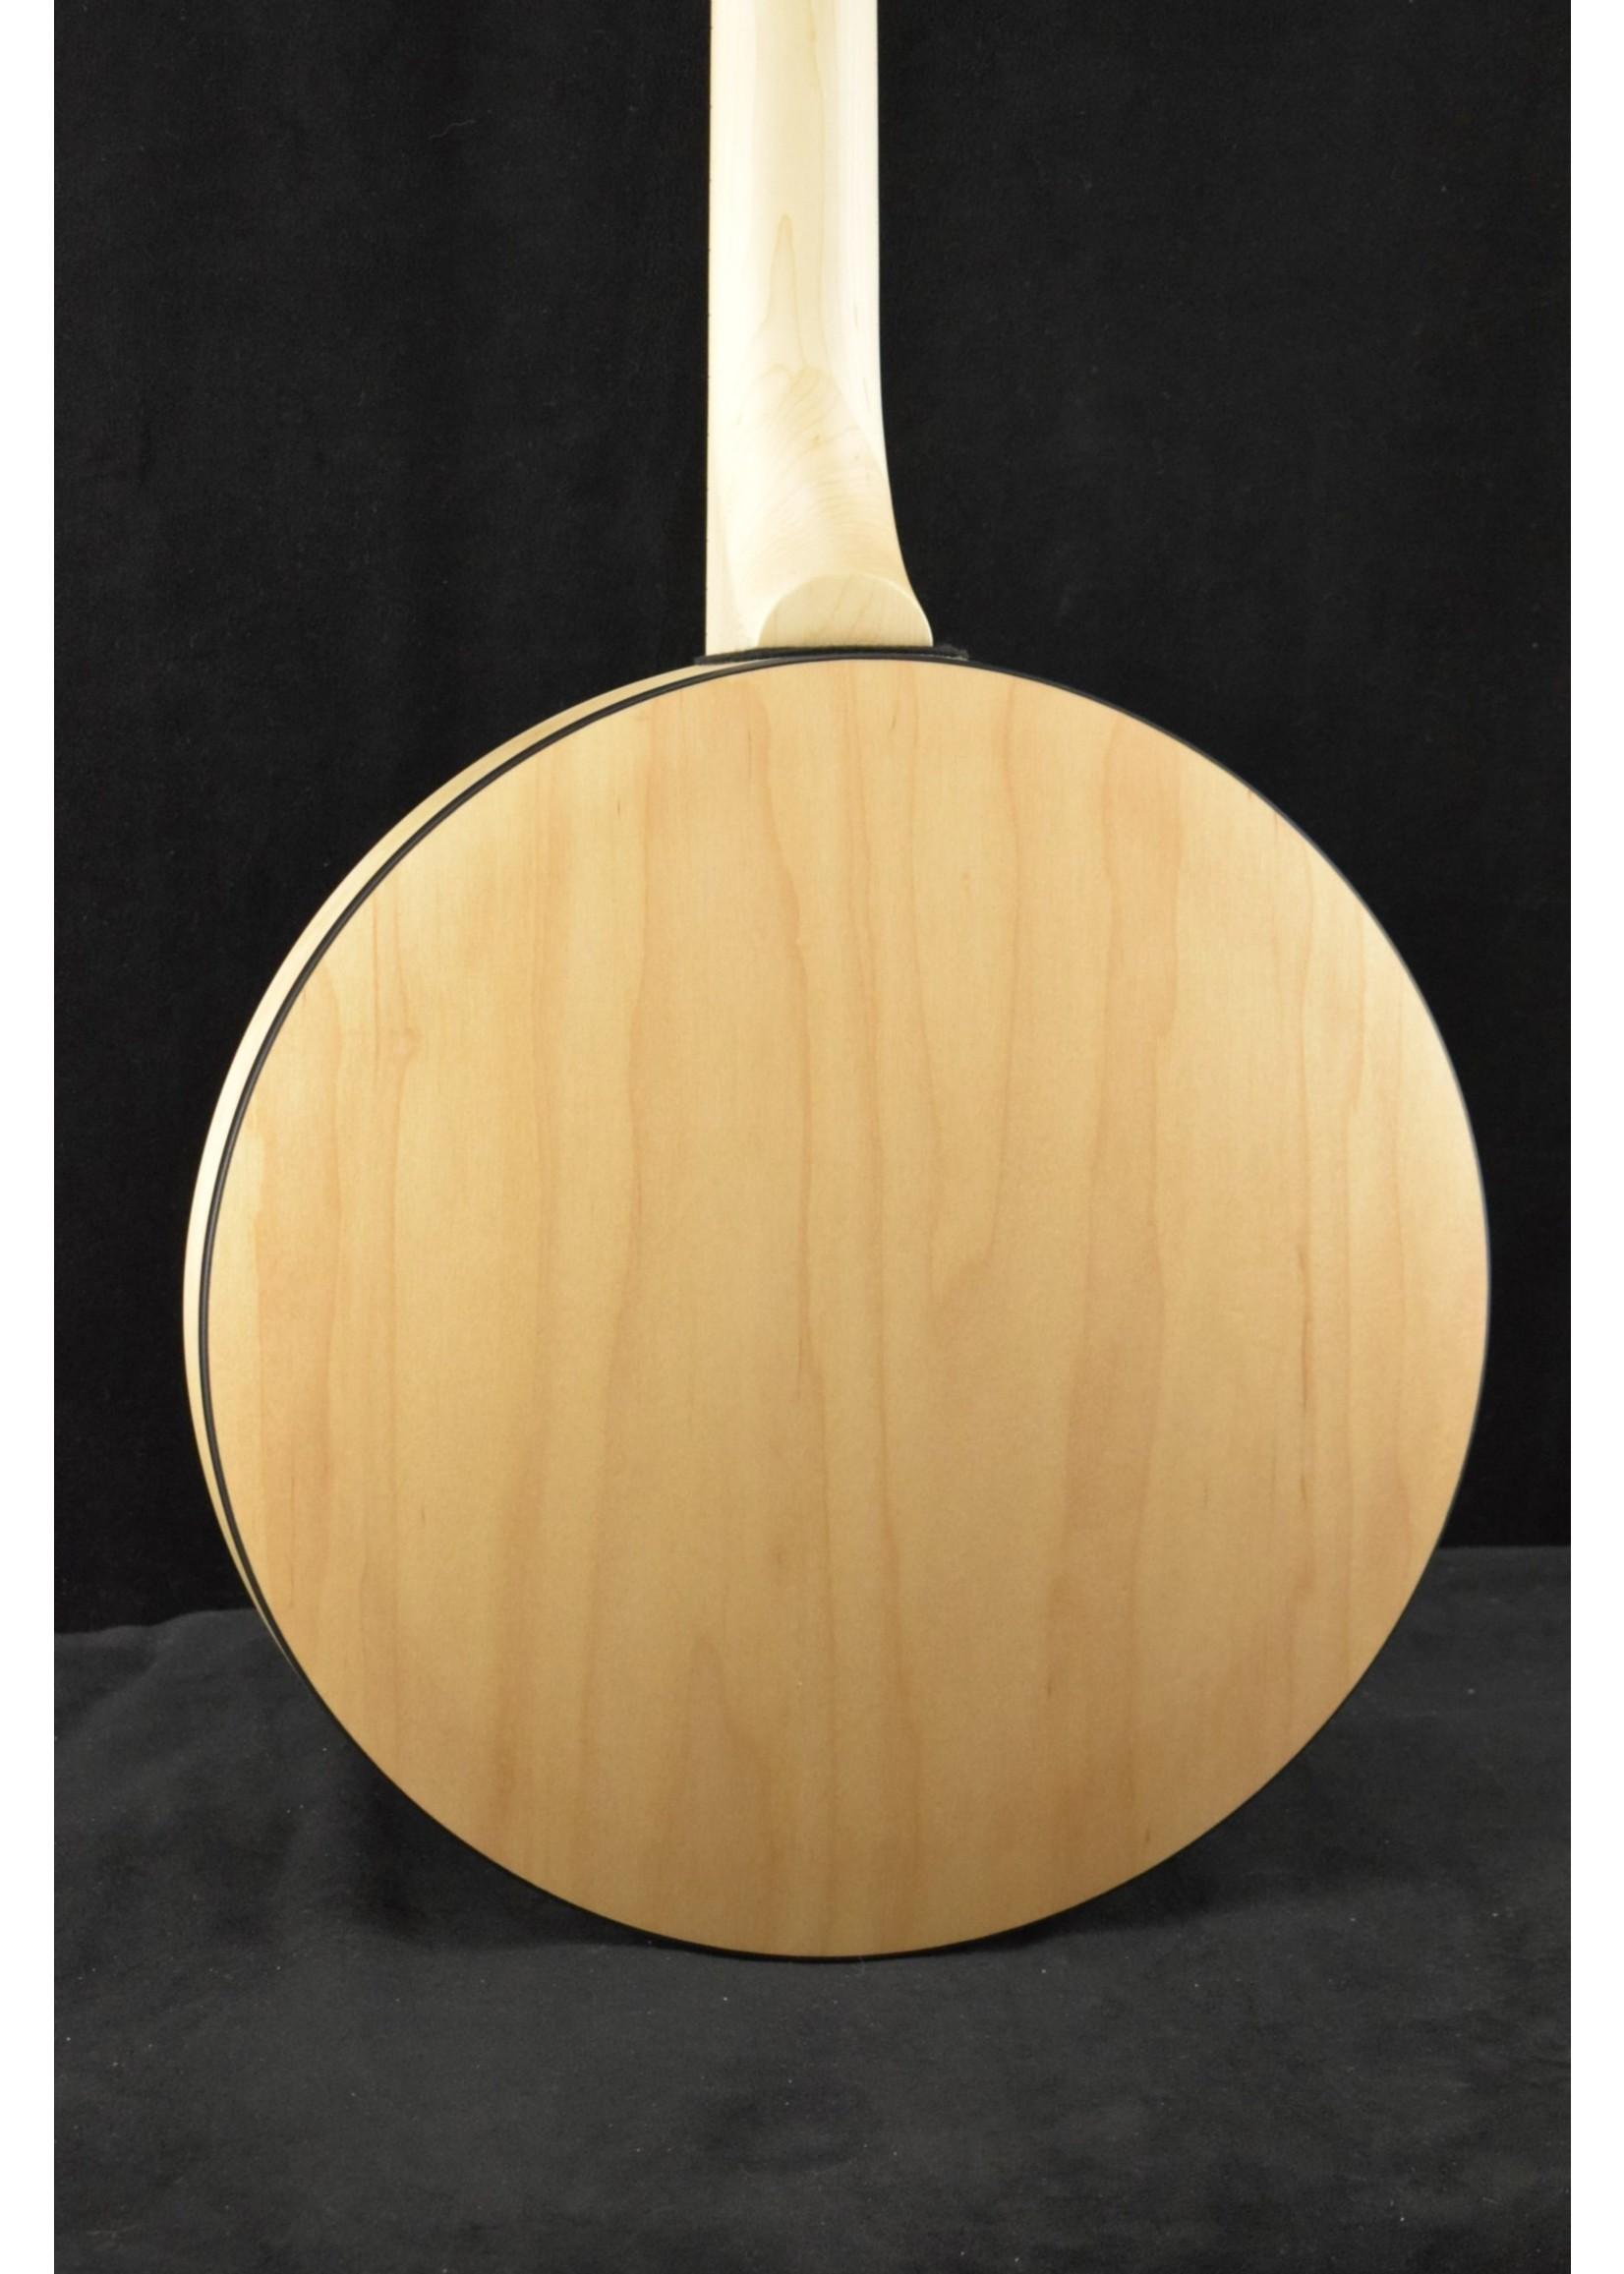 Deering Deering Goodtime Two 5-String Banjo with Resonator